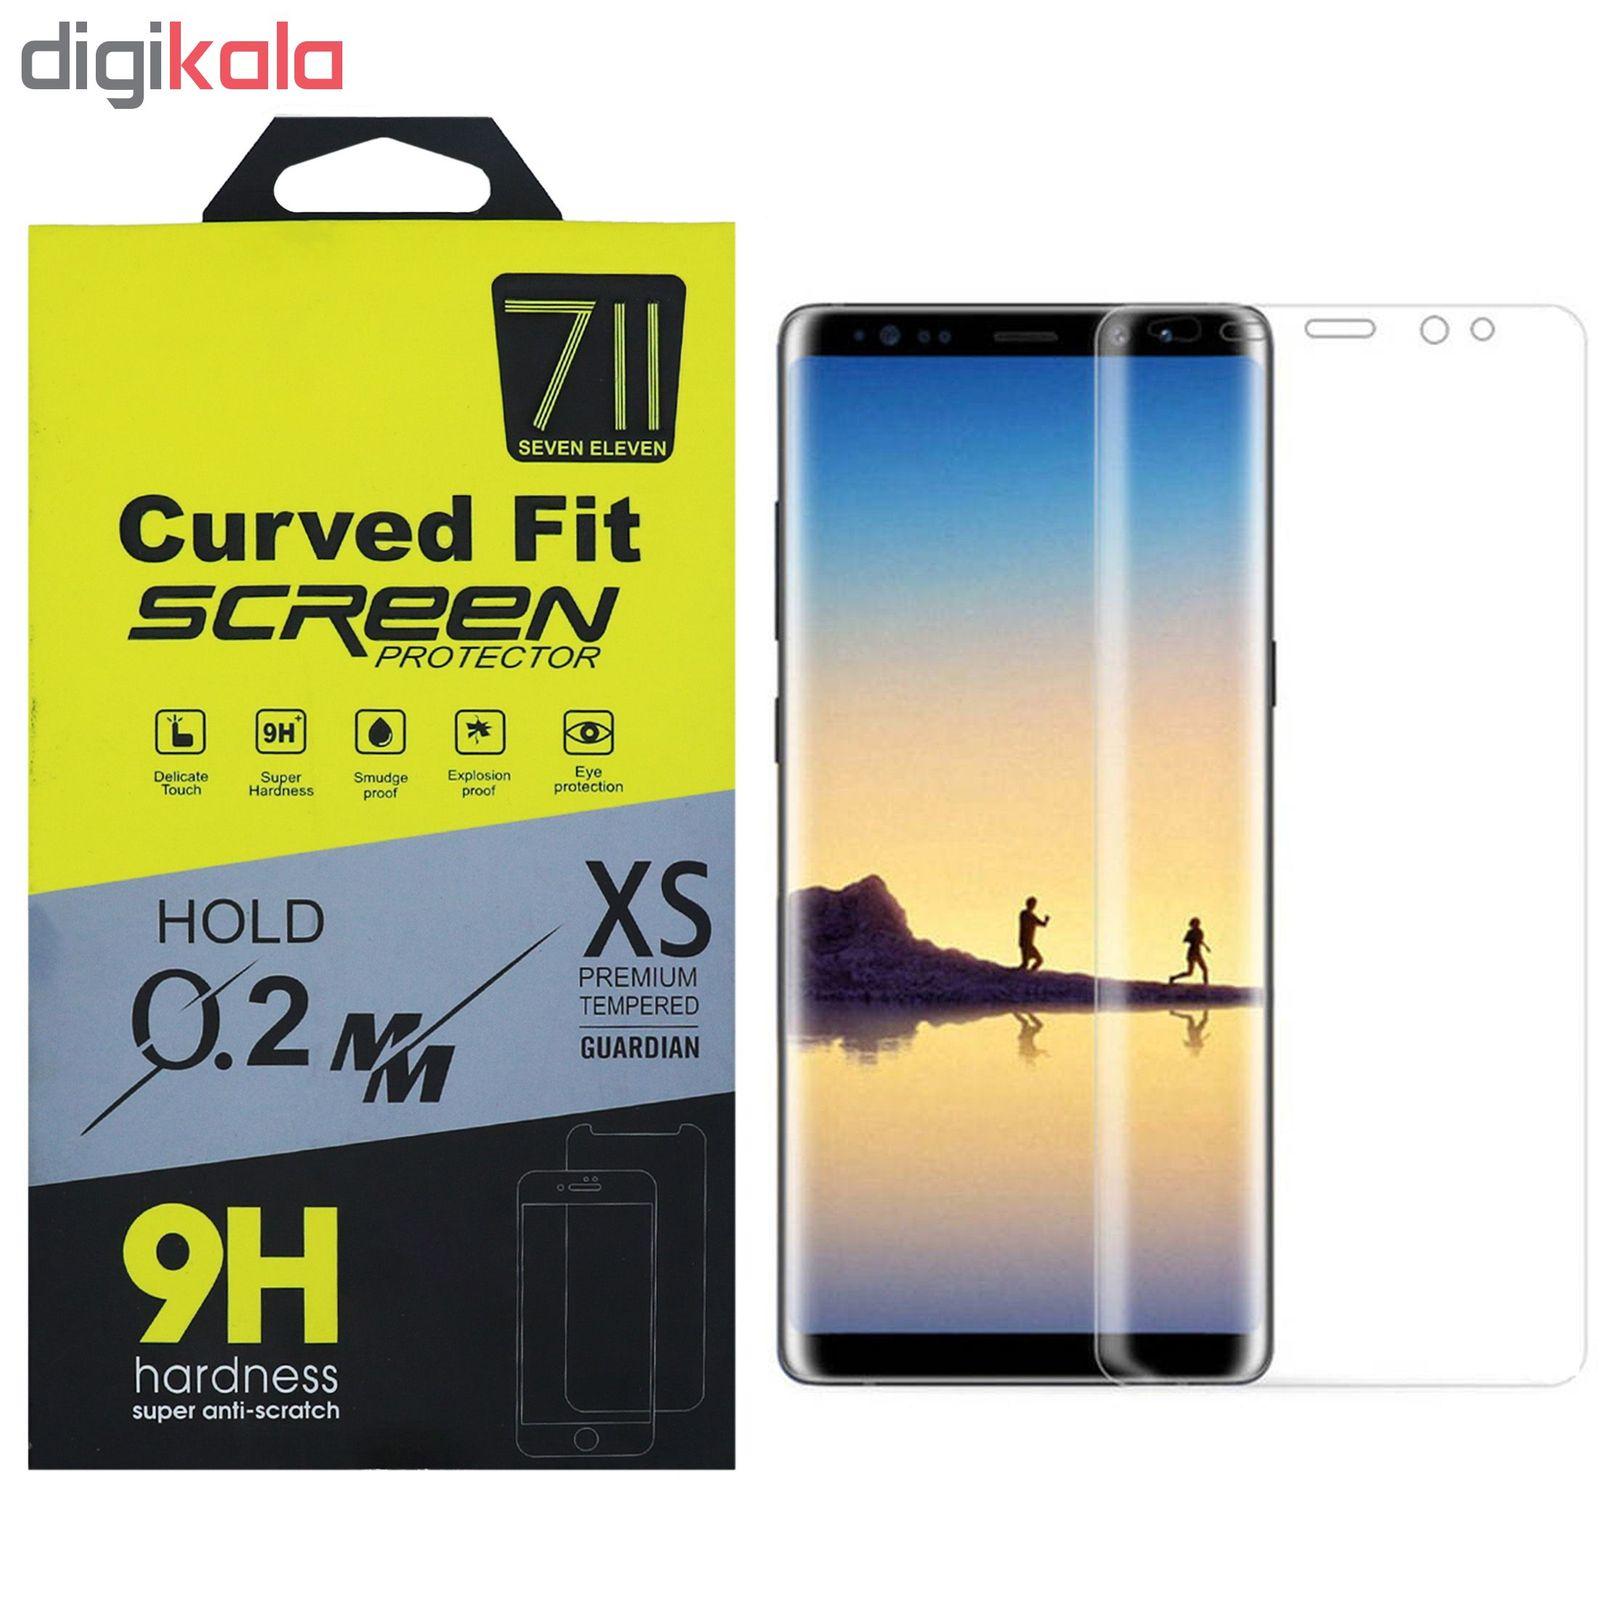 محافظ صفحه نمایش سون الون مدل PU-24 مناسب برای گوشی موبایل سامسونگ Galaxy Note 8 main 1 1